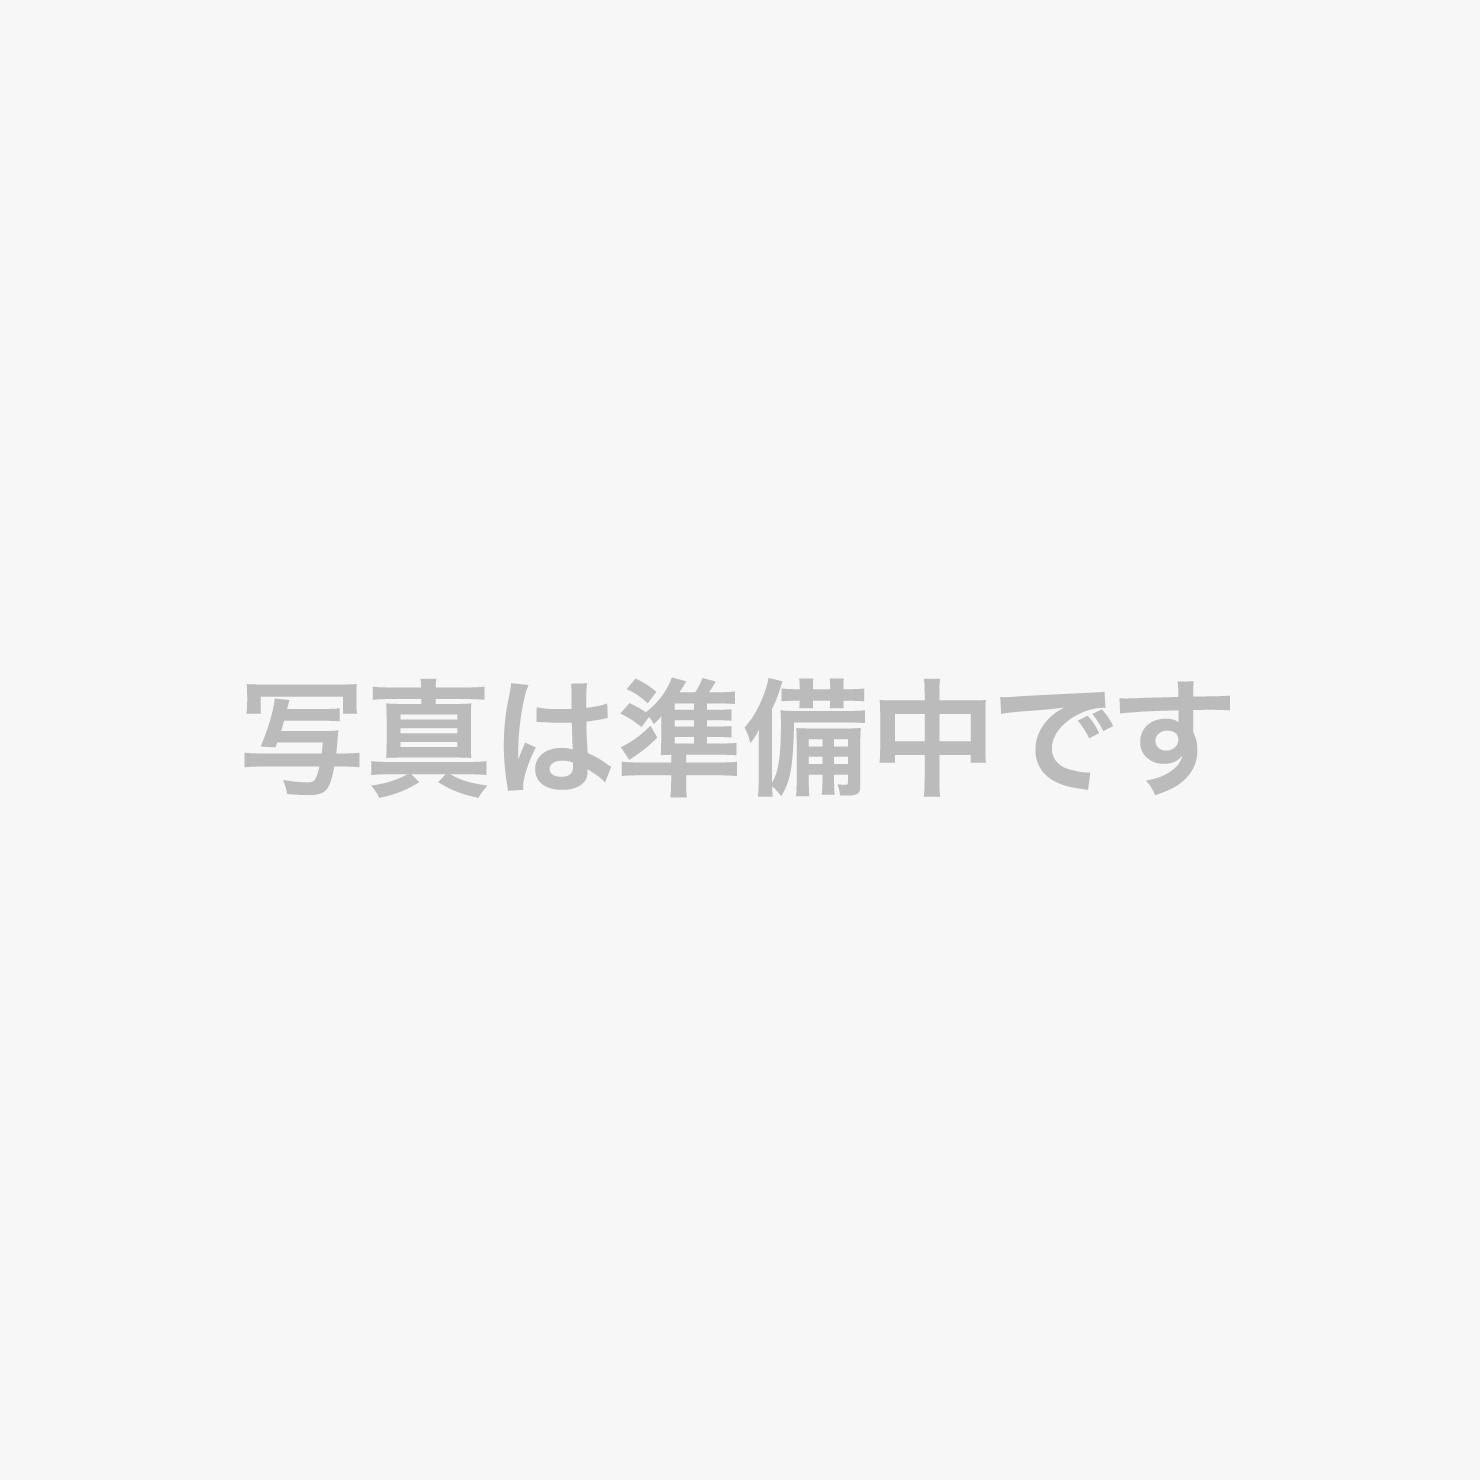 エグゼクティブスイート【バスルーム】